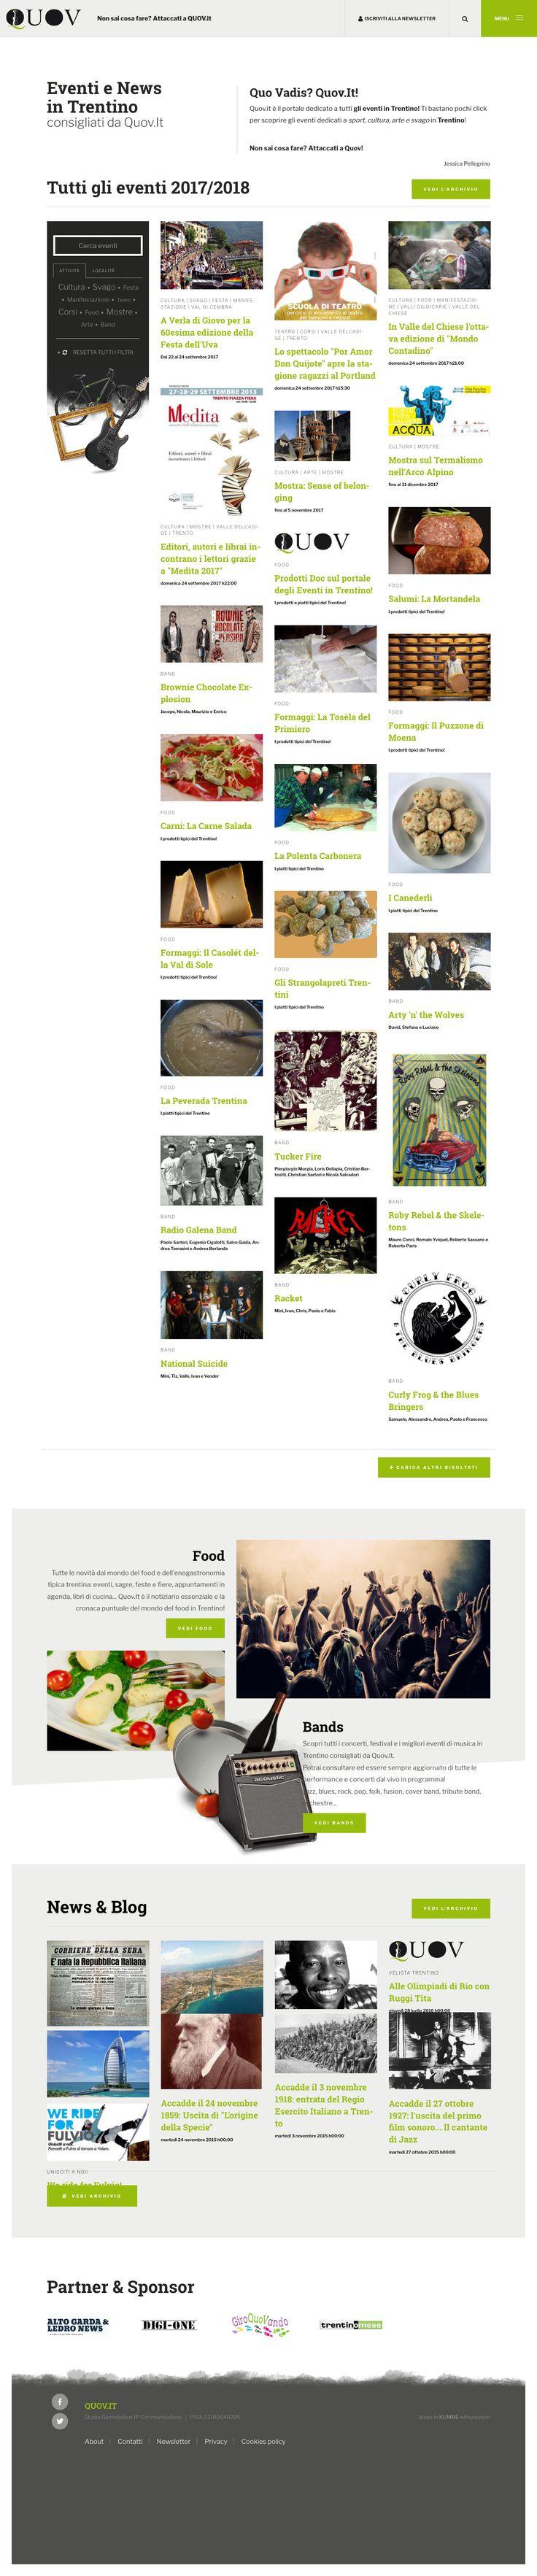 #quov www.quov.it #kumbe #webdesign #website #portfolio #news #eventi #sport #cultura #divertimento #svago #arte #love #smile #fun #bands #food #night #blog #portaleinformativo #trentino